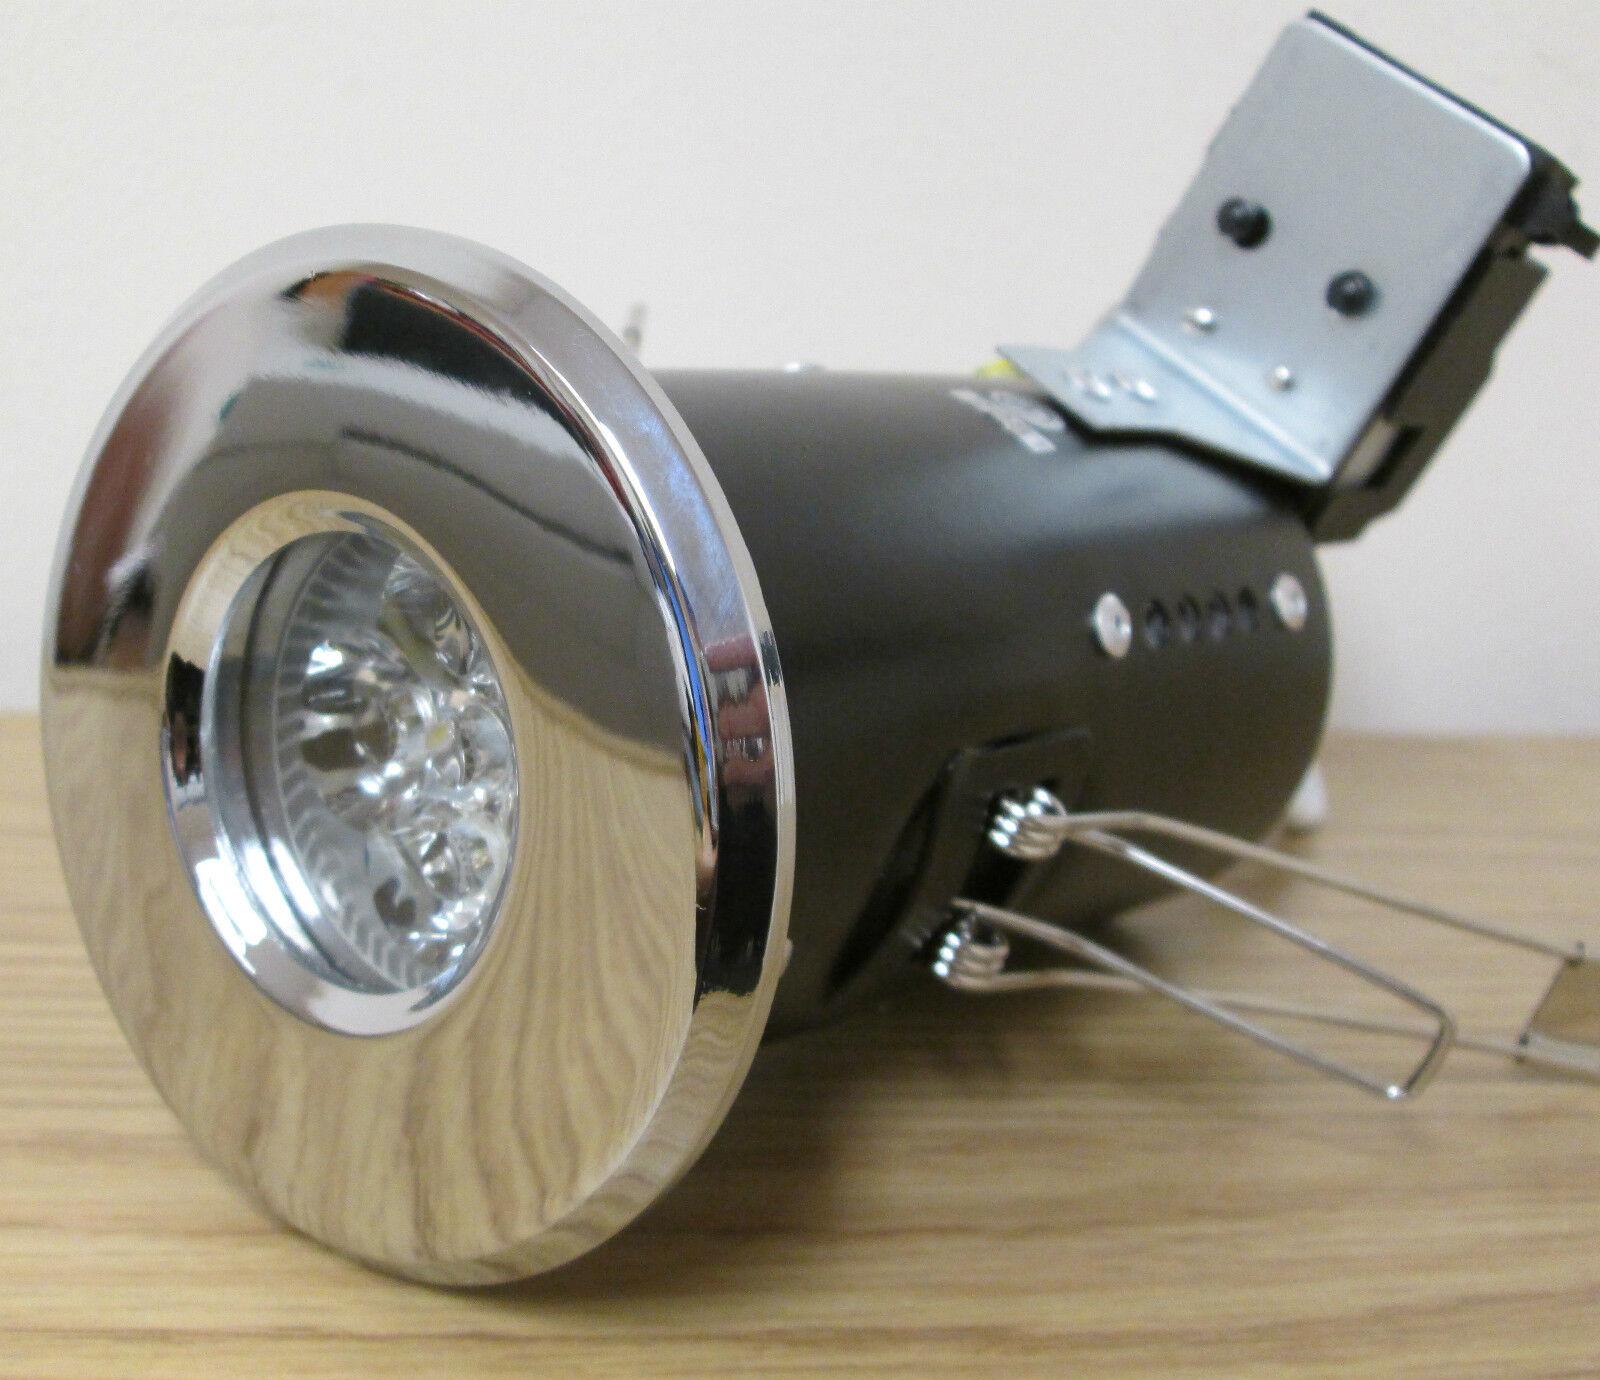 6 X fuego con calificación de 4 vatios Led Cromo Pulido Gu10 Ip65 Baño Downlight cálido Wht